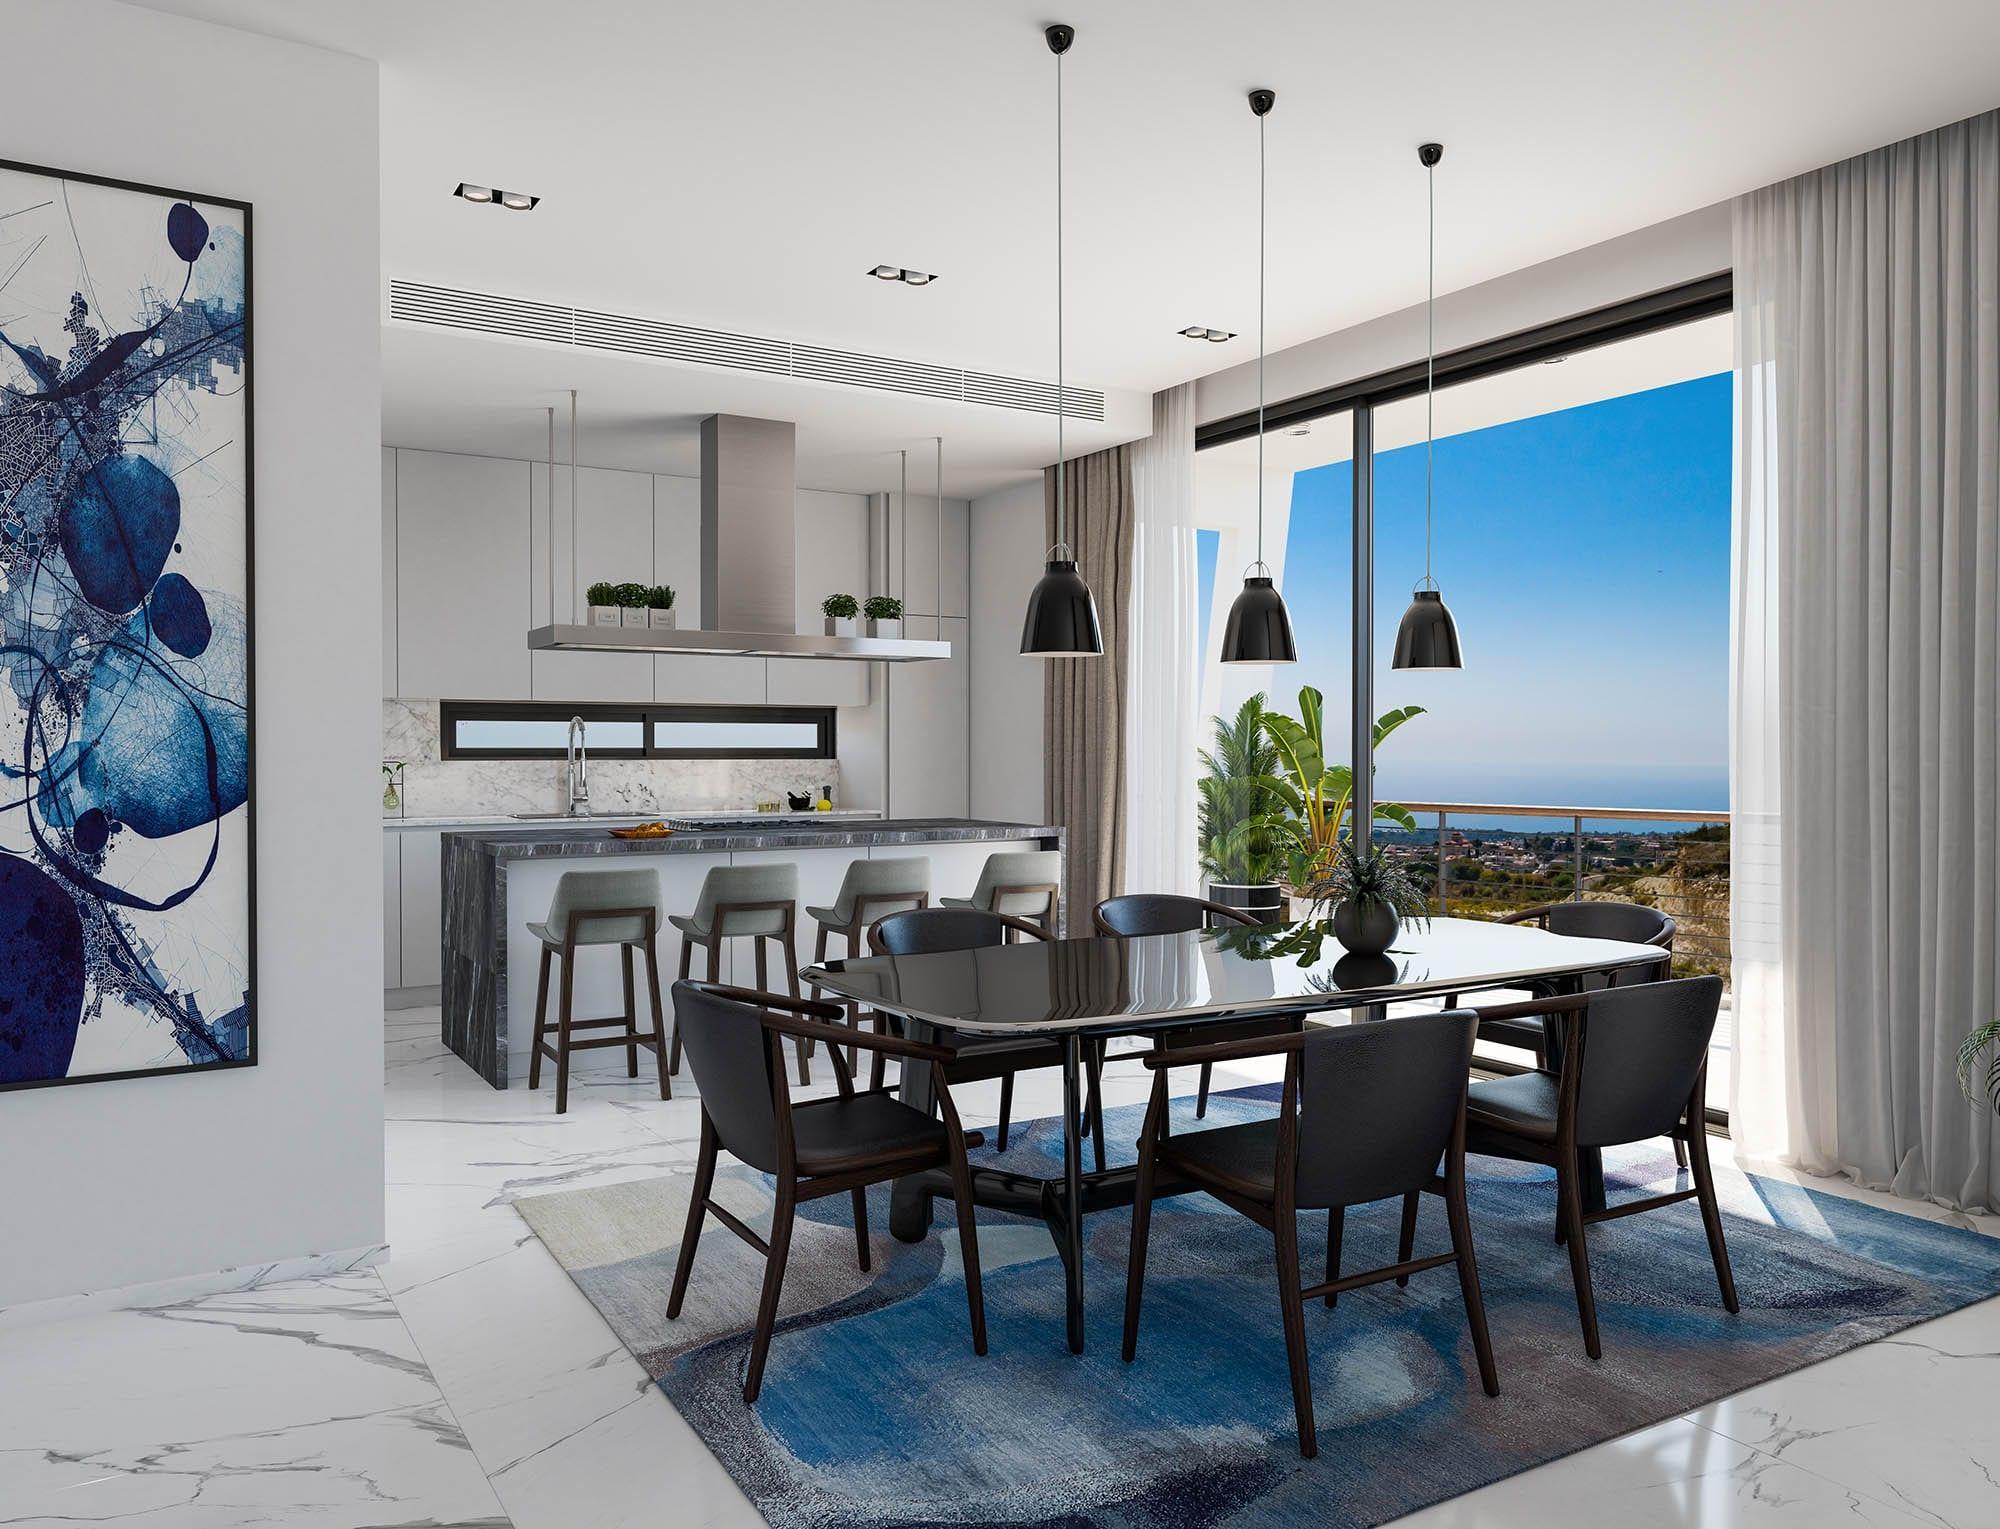 В Пафосе началось строительство элитного жилого комплекса Lofos Heights